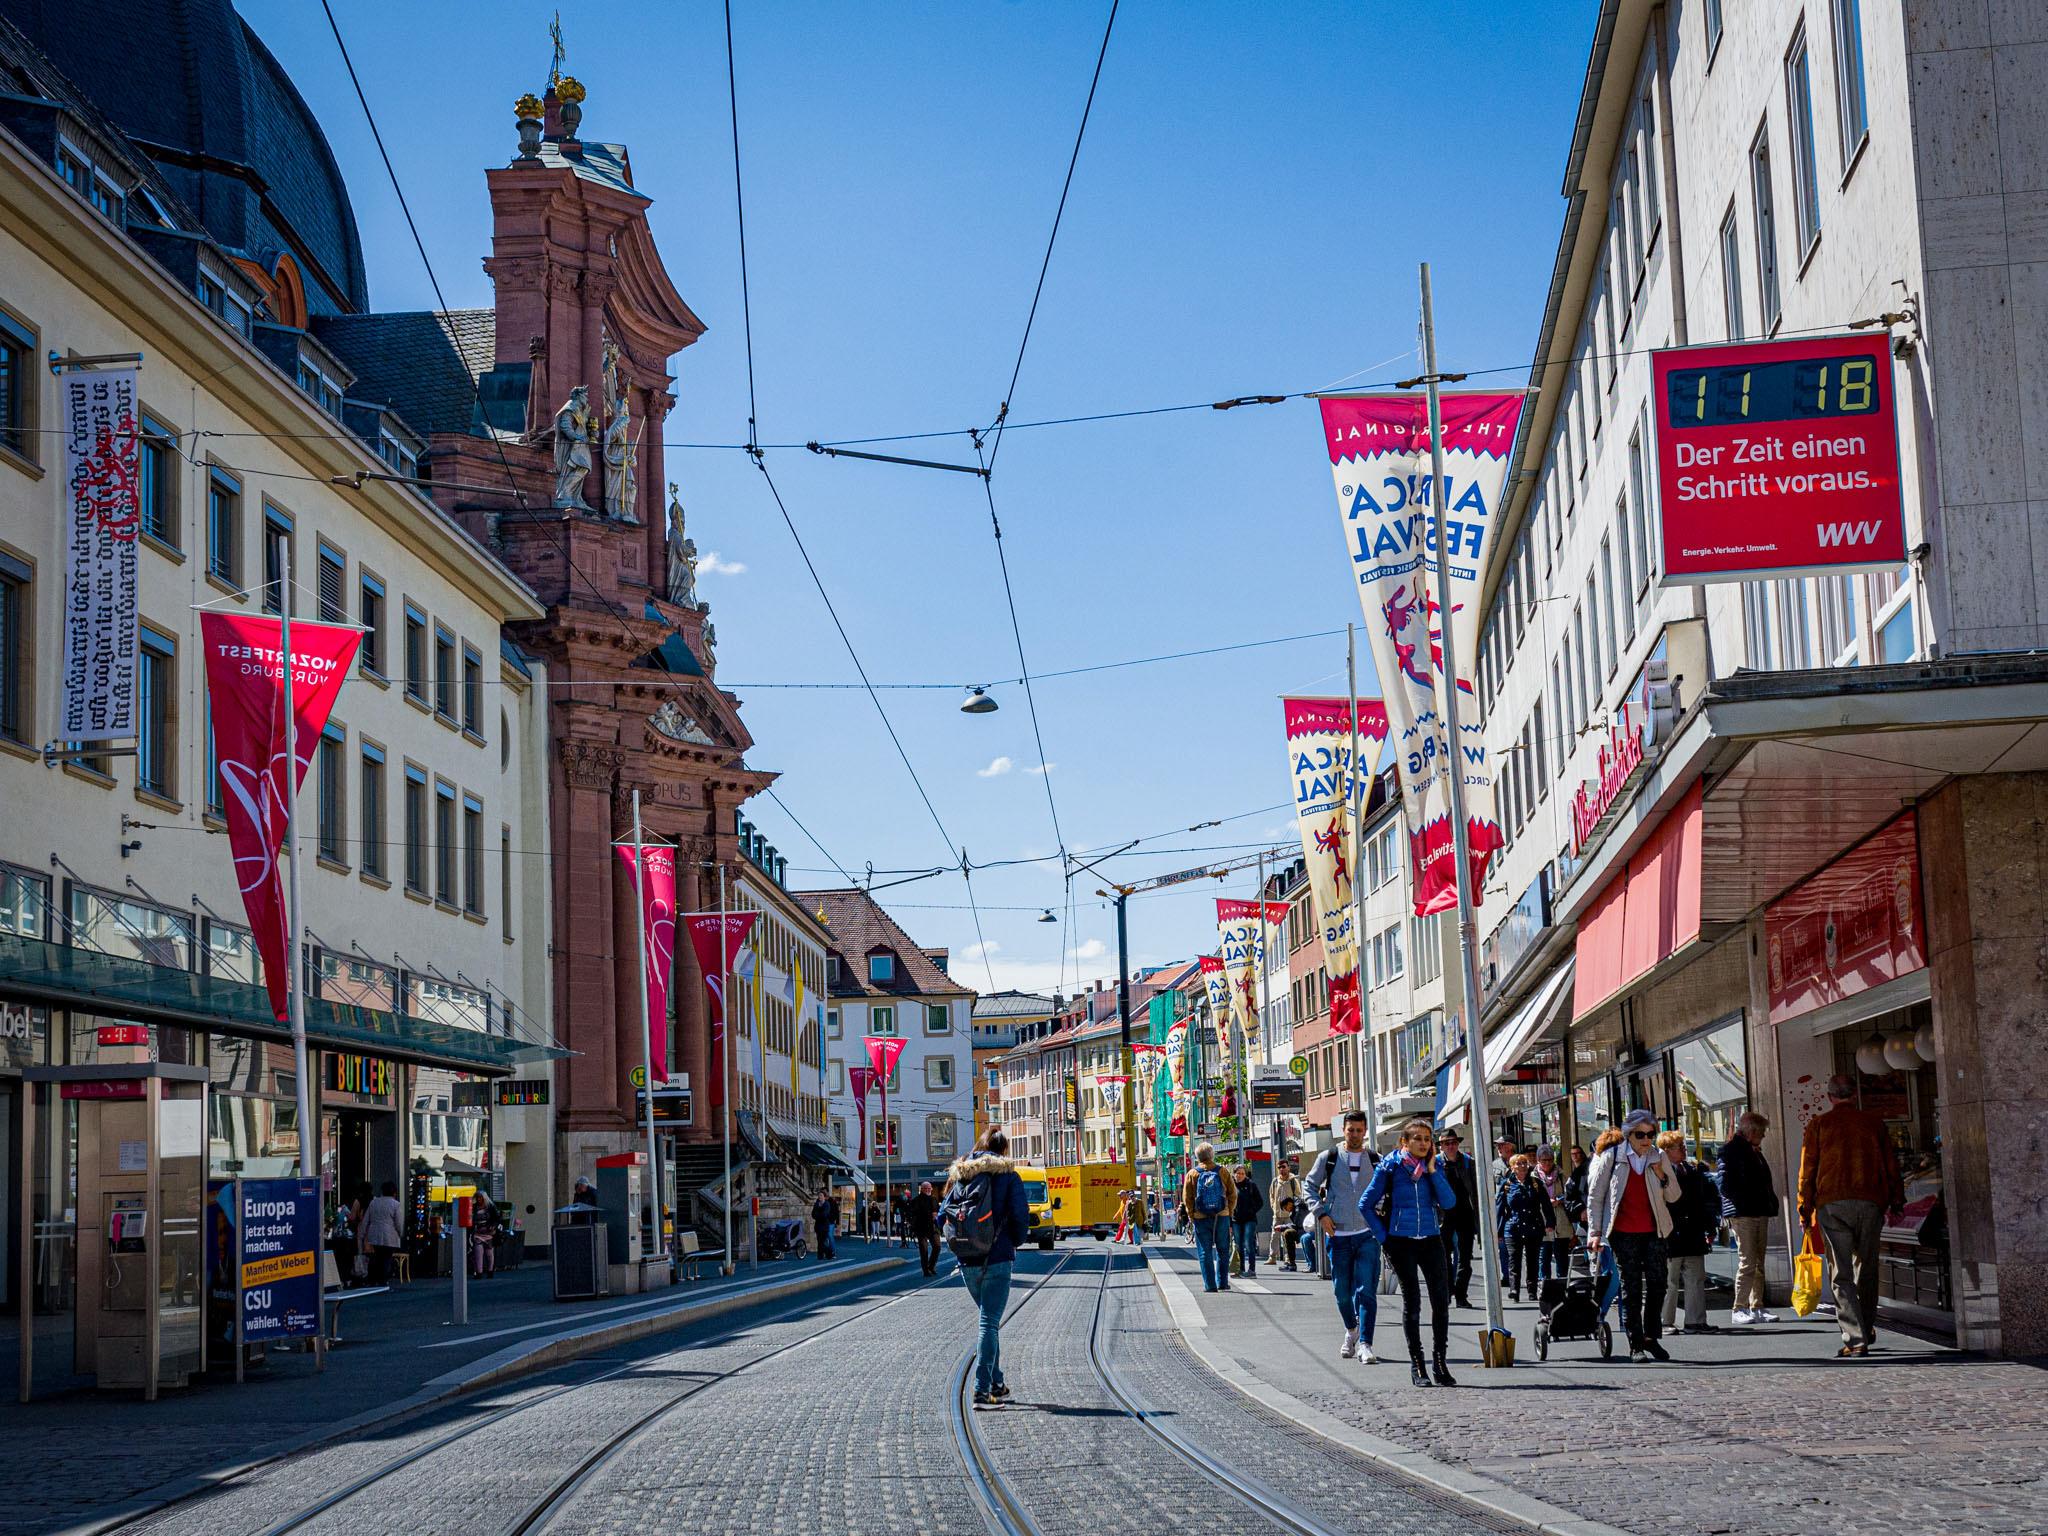 stilsicher in würzburg: shoppingtipps für den sommer